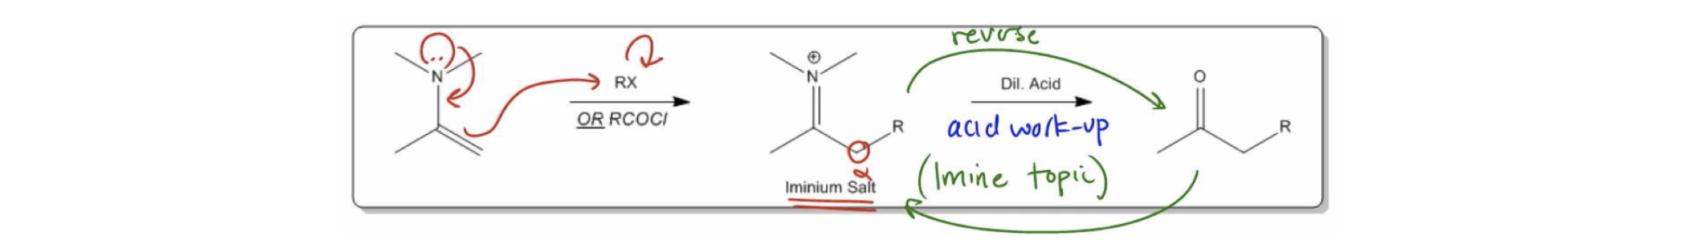 Enamine-Alkylation-&-Hydrolysis